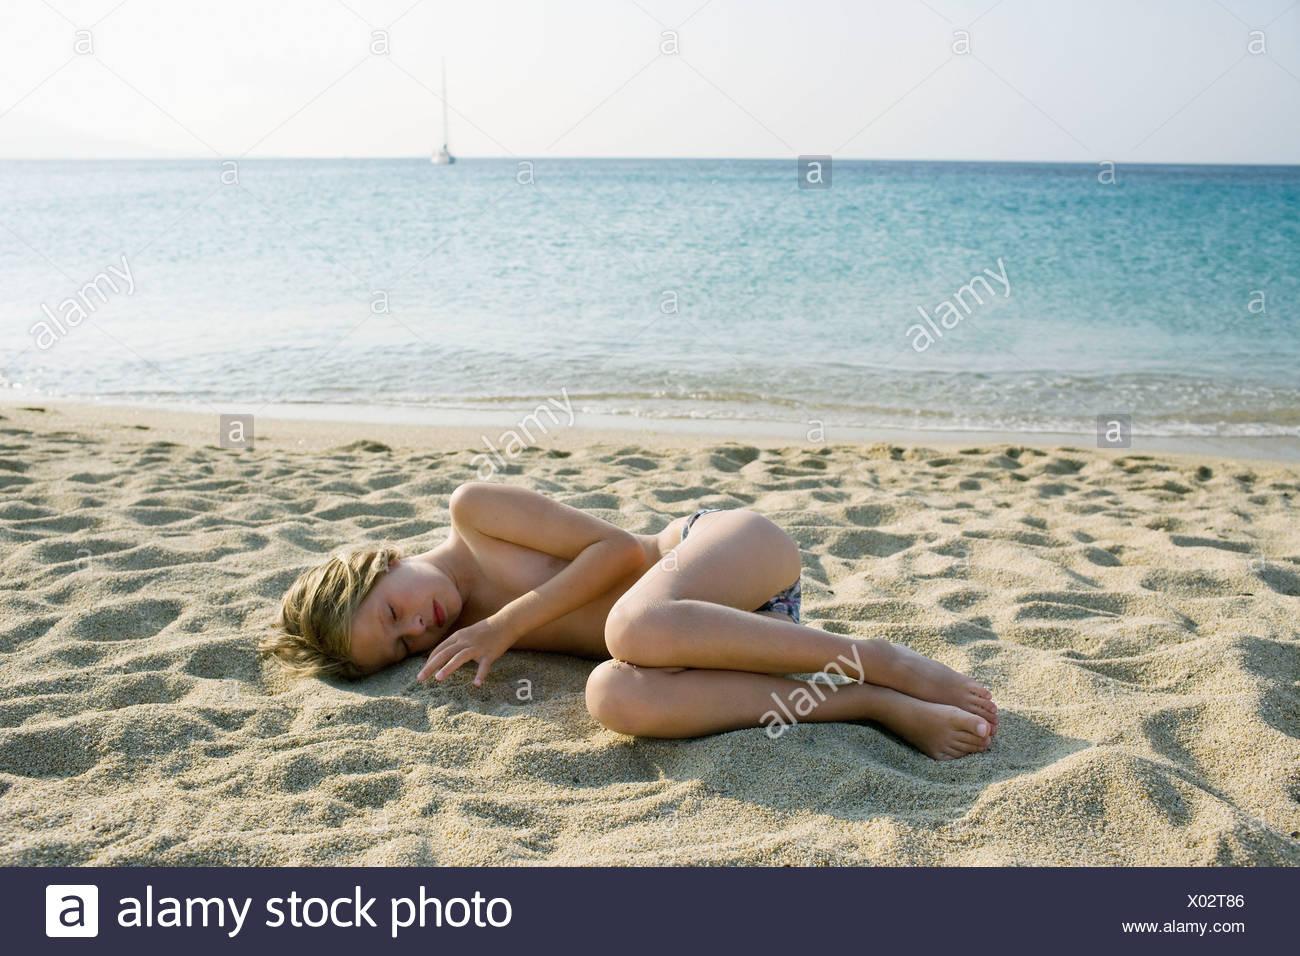 Young girl lying on the beach sleeping. Stock Photo